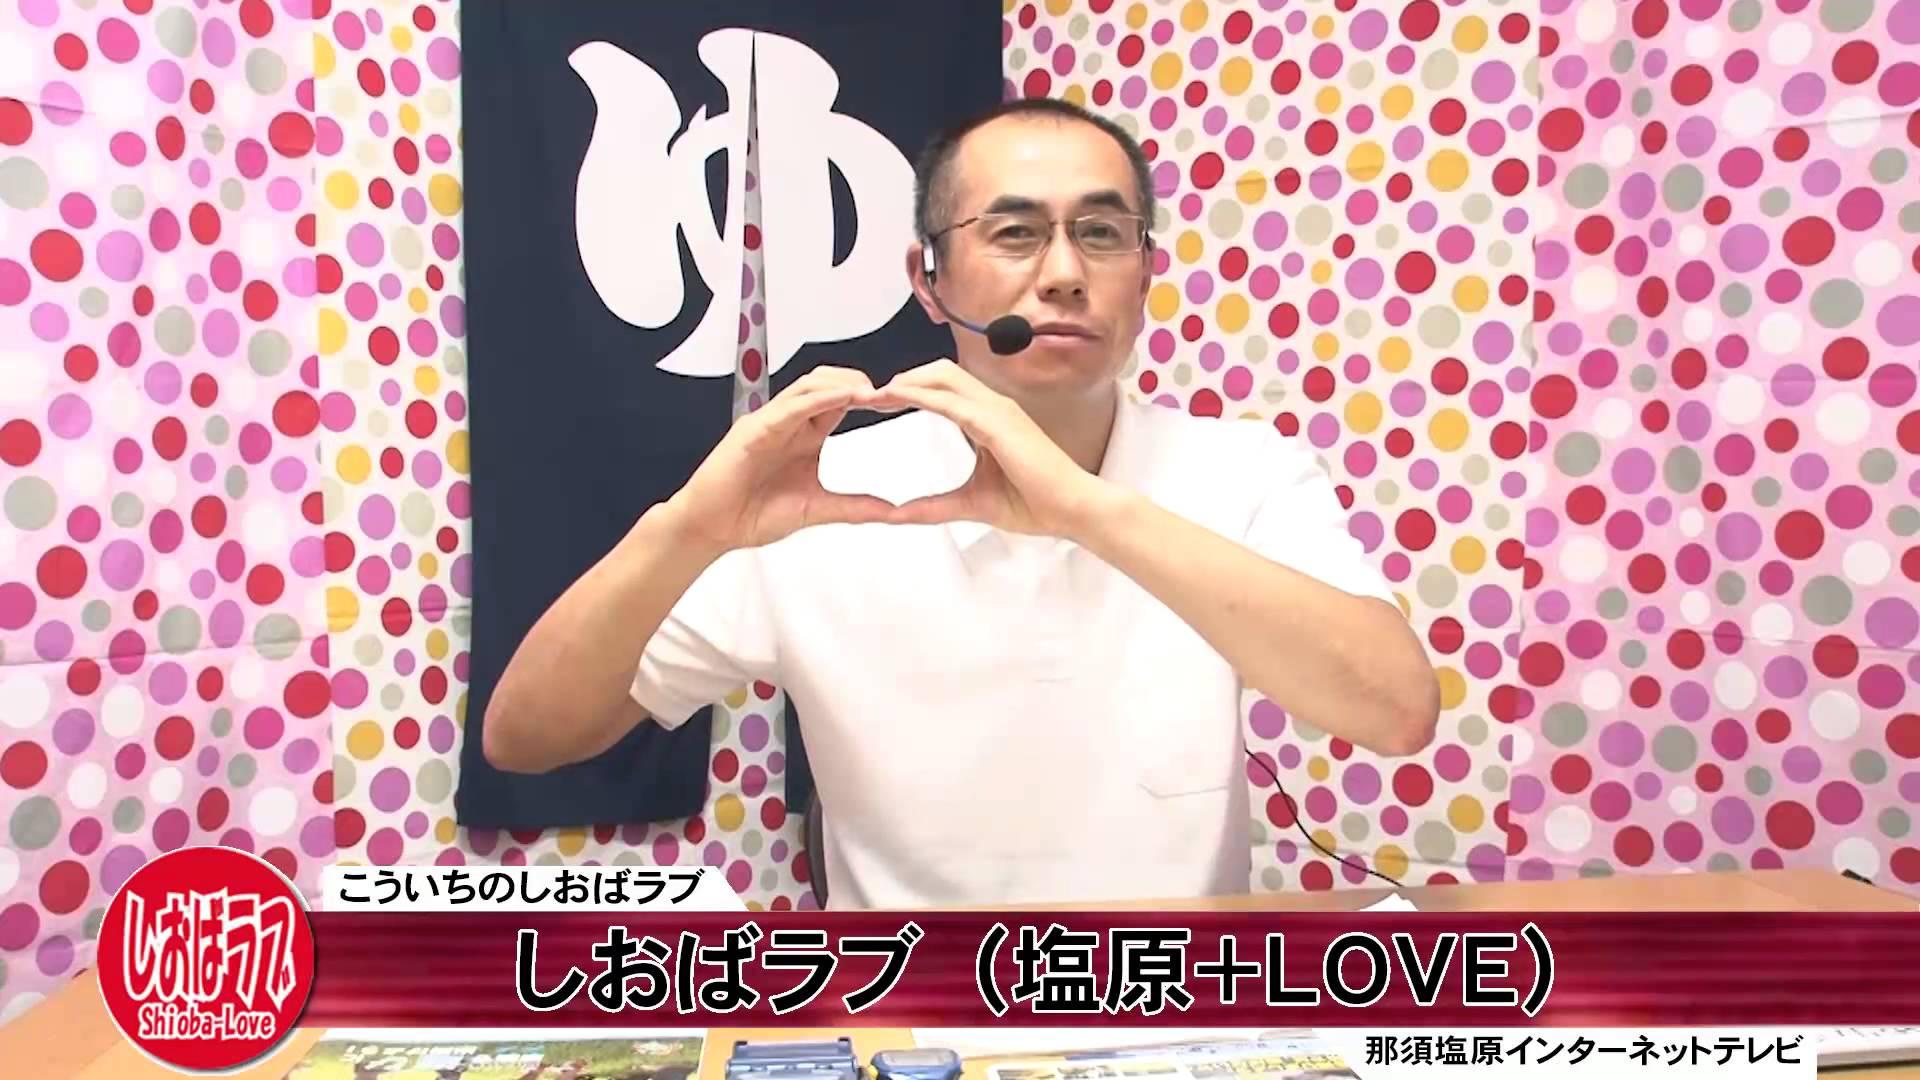 こういちのしおばラブ(塩原+LOVE)第191回